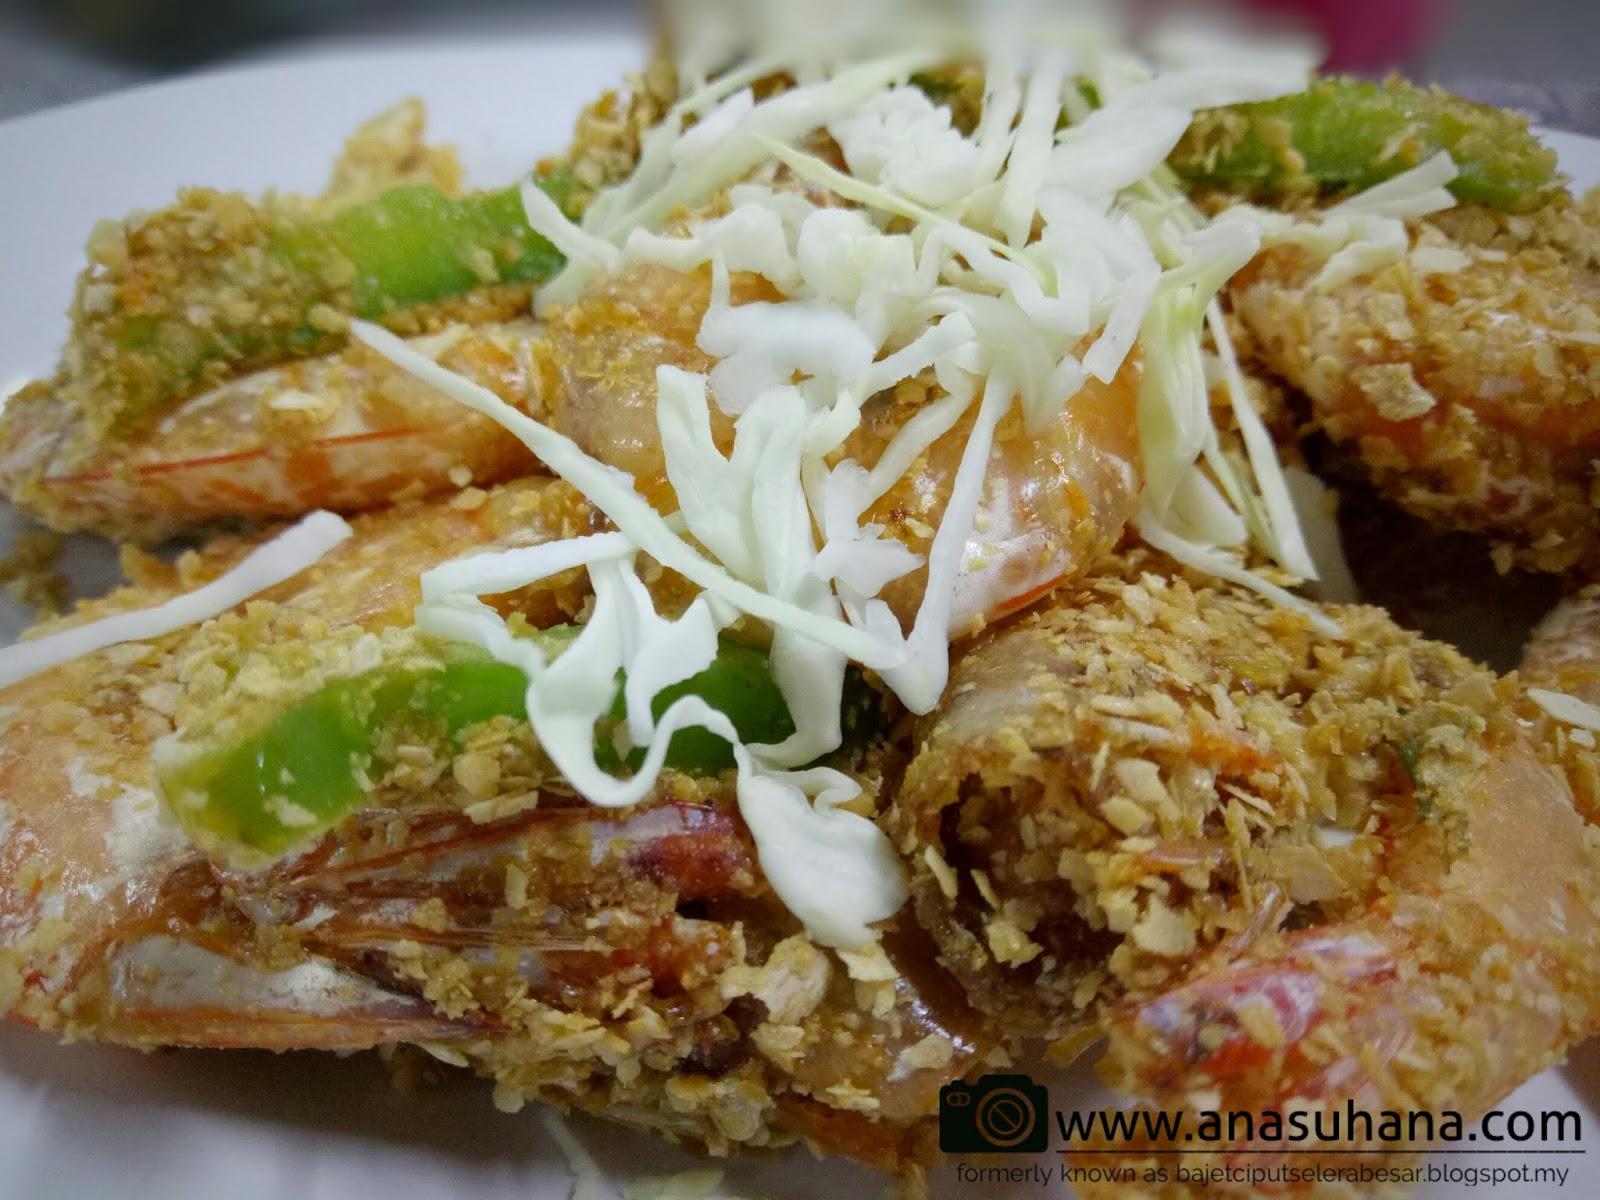 Tempat Menarik di Melaka : Makan Malam di Ikan Bakar Parameswara - Udang Goreng Butter